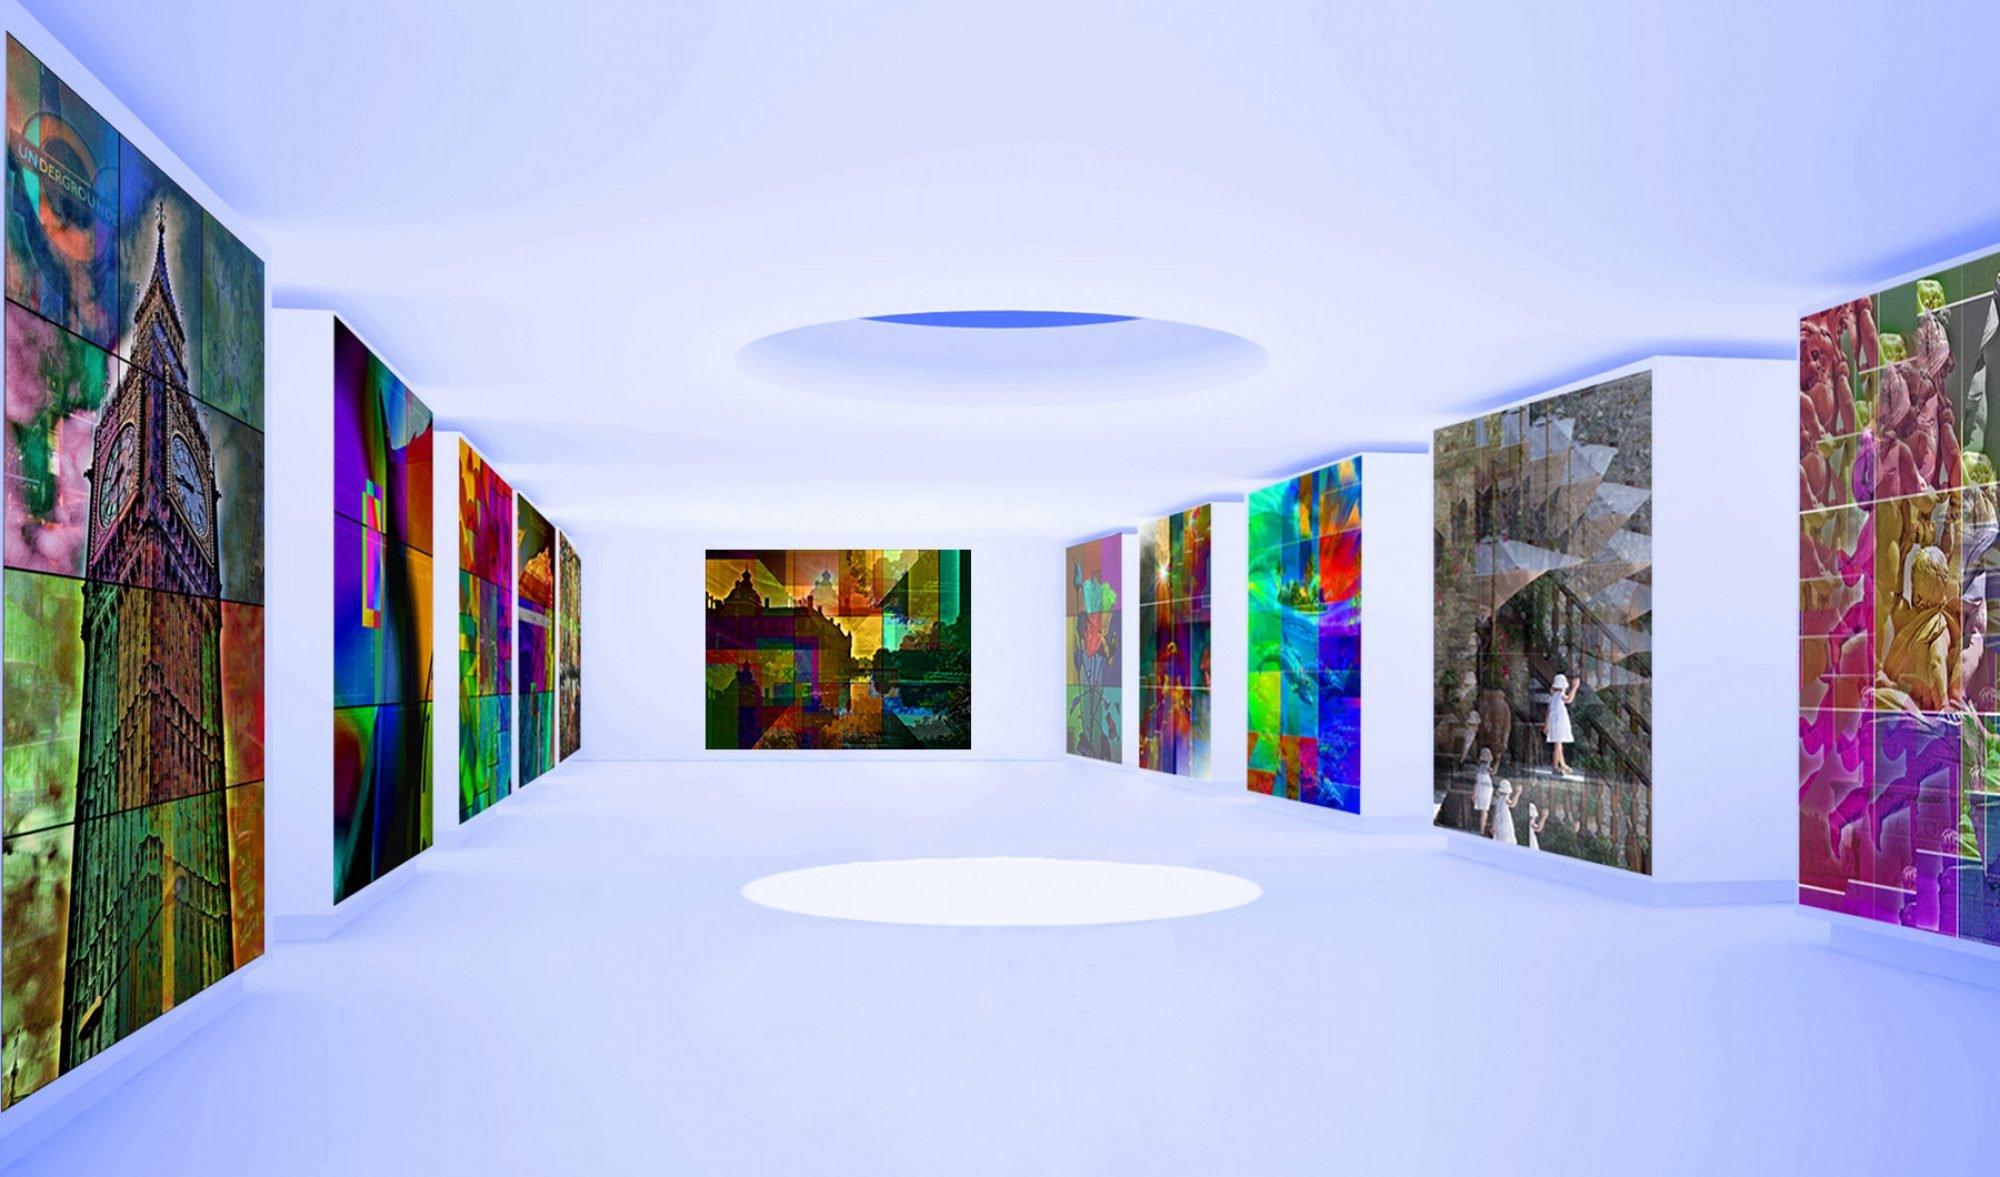 музыканту галерея картинок дизайн доставались роли